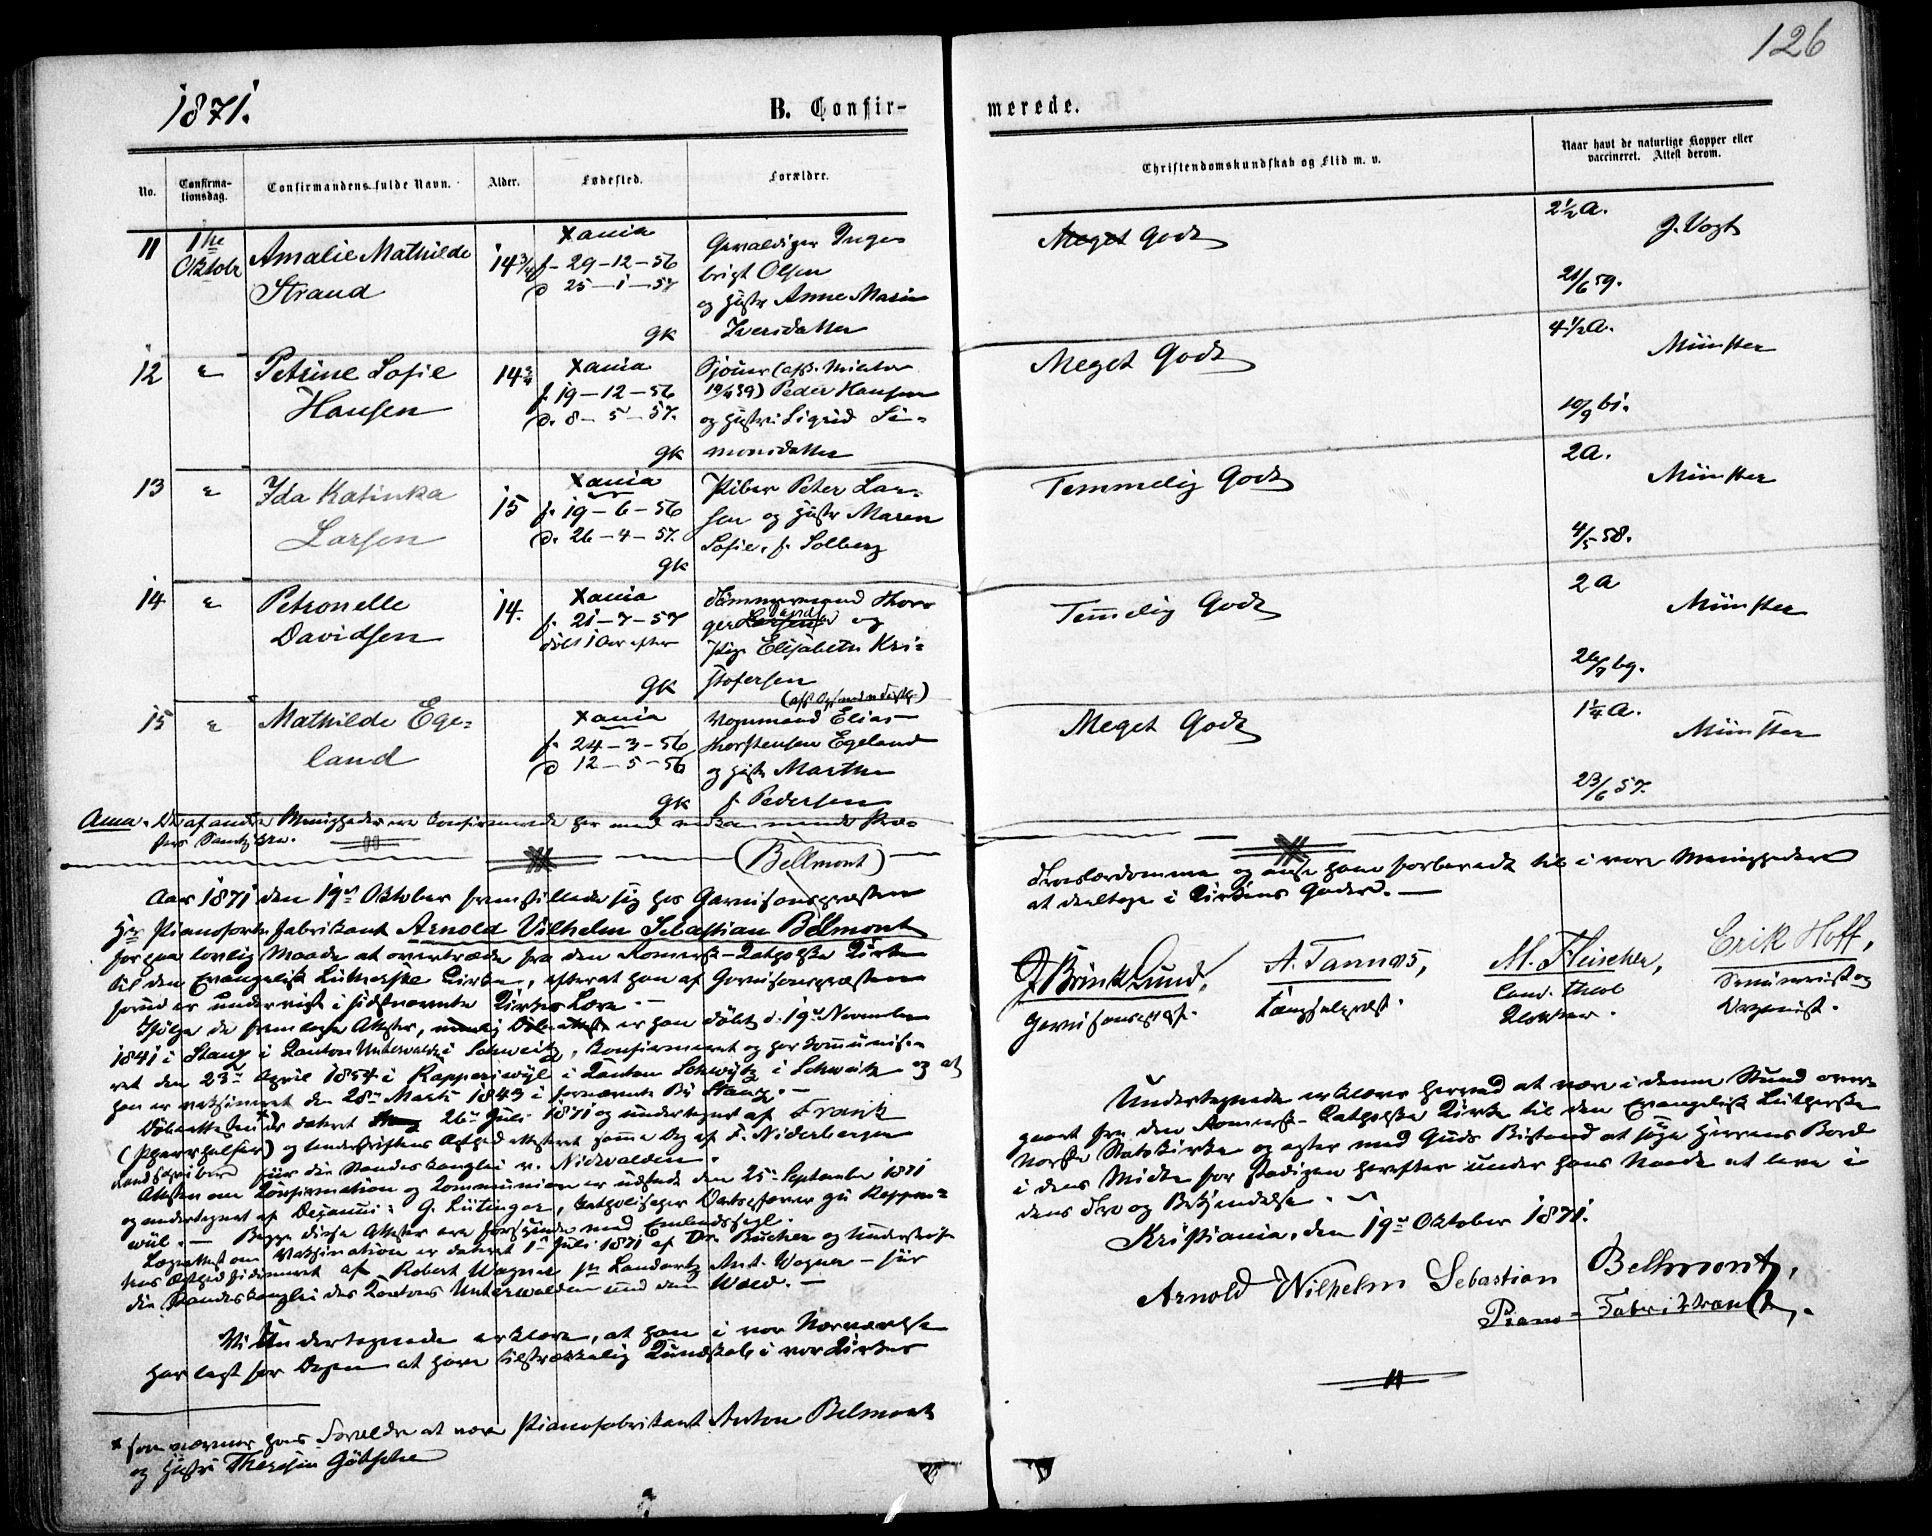 SAO, Garnisonsmenigheten Kirkebøker, F/Fa/L0011: Ministerialbok nr. 11, 1870-1880, s. 126